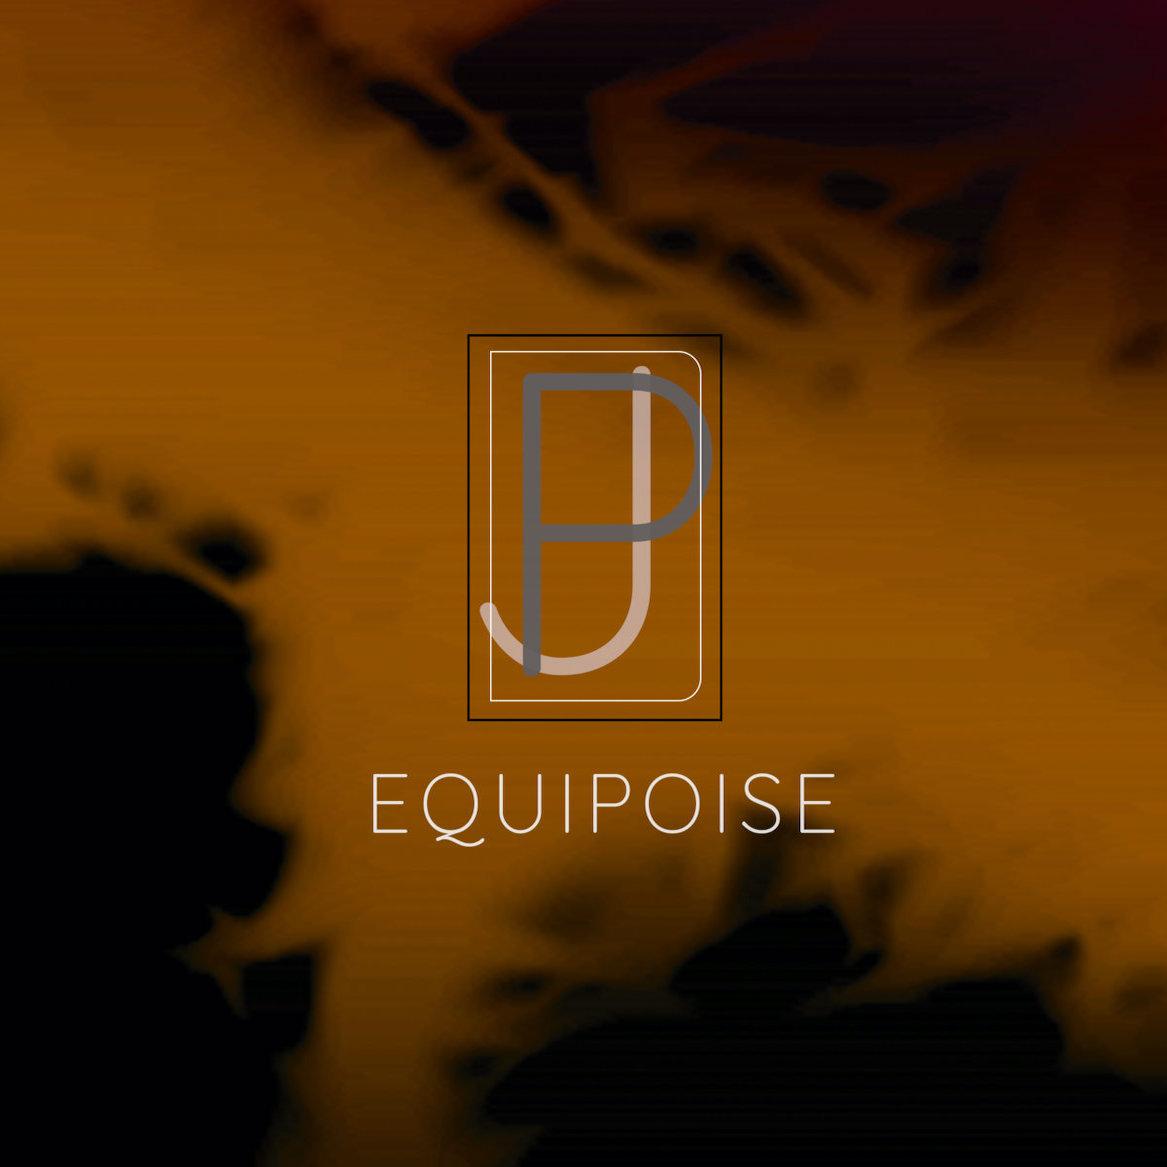 DJP - Equipoise